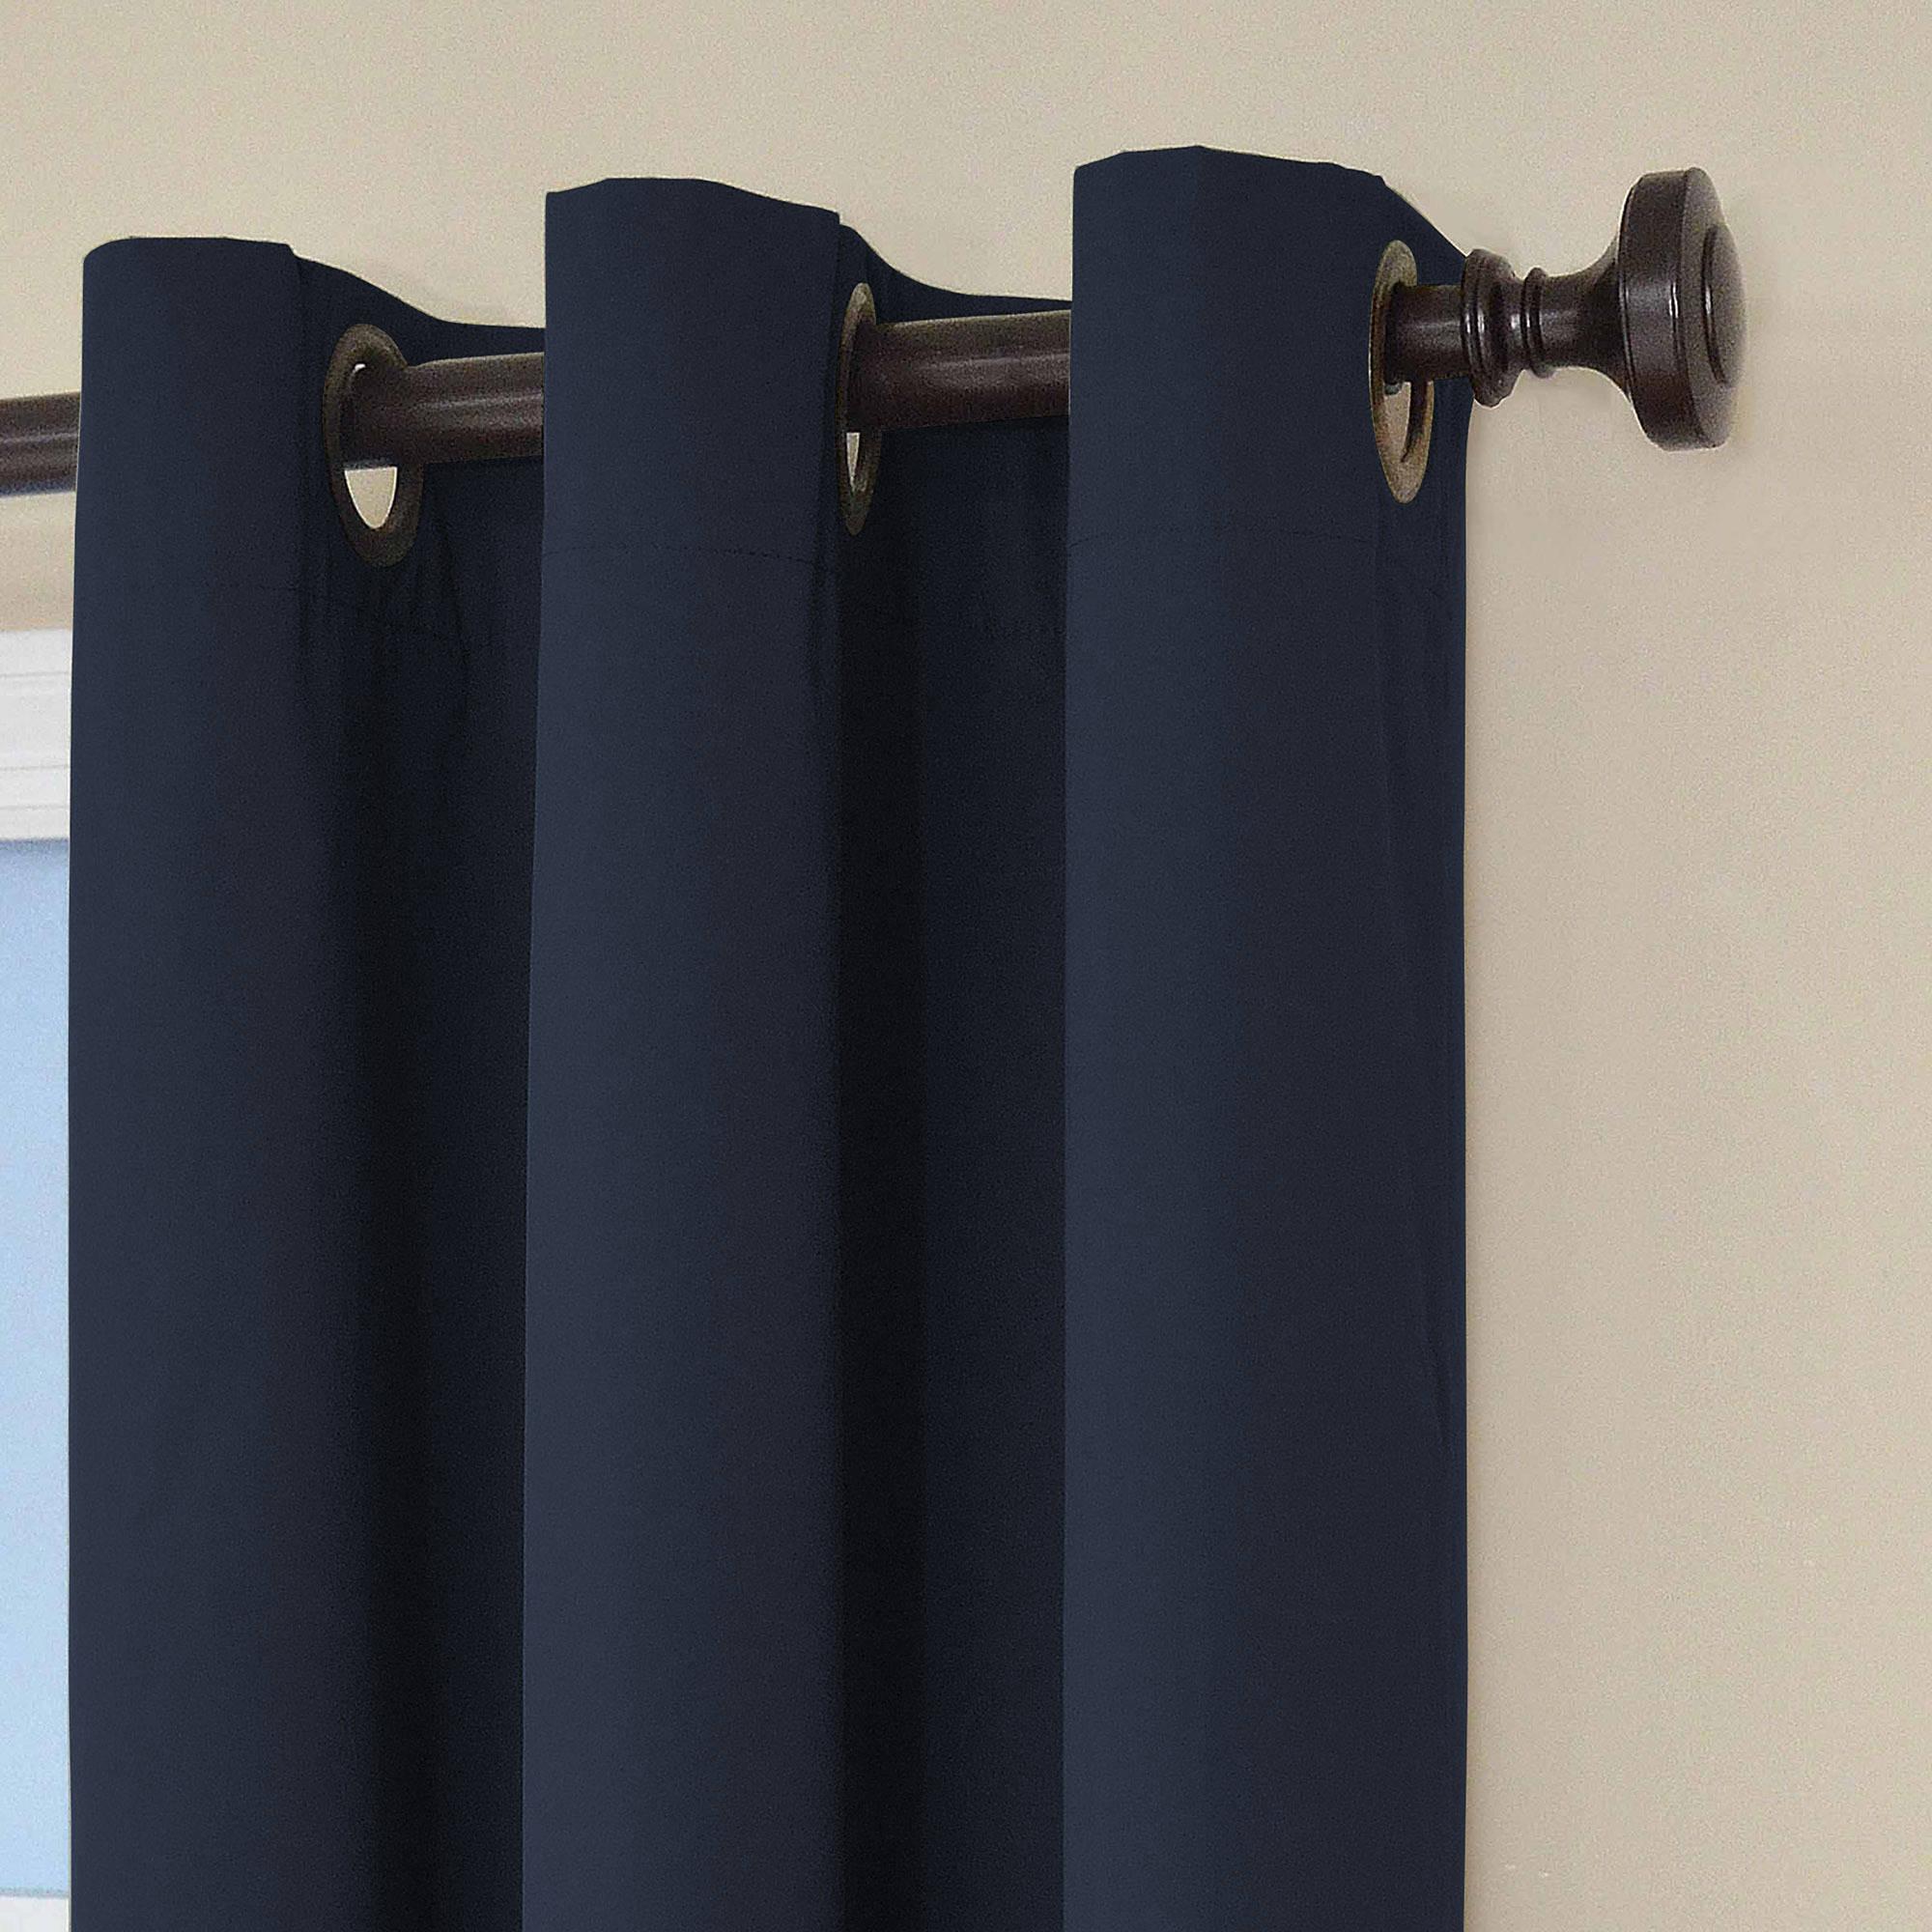 Eclipse Curtains Microfiber Grommet Blackout Energy Efficient